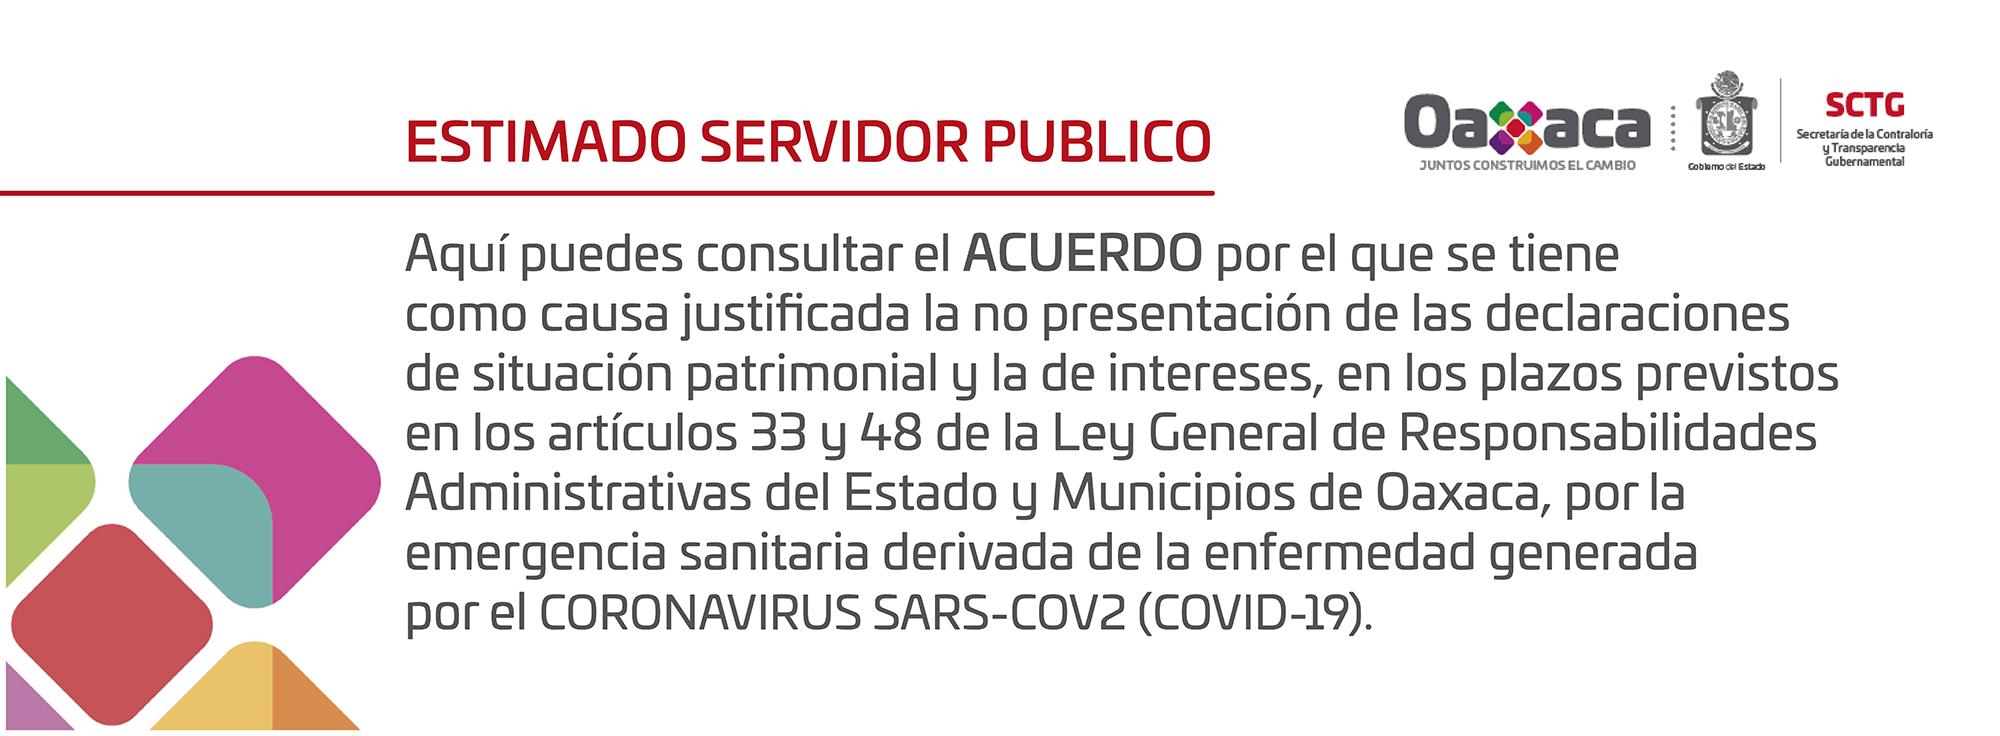 ESTIMADO SERVIDOR PÚBLICO AQUÍ PUEDES CONSULTAR EL ACUERDO